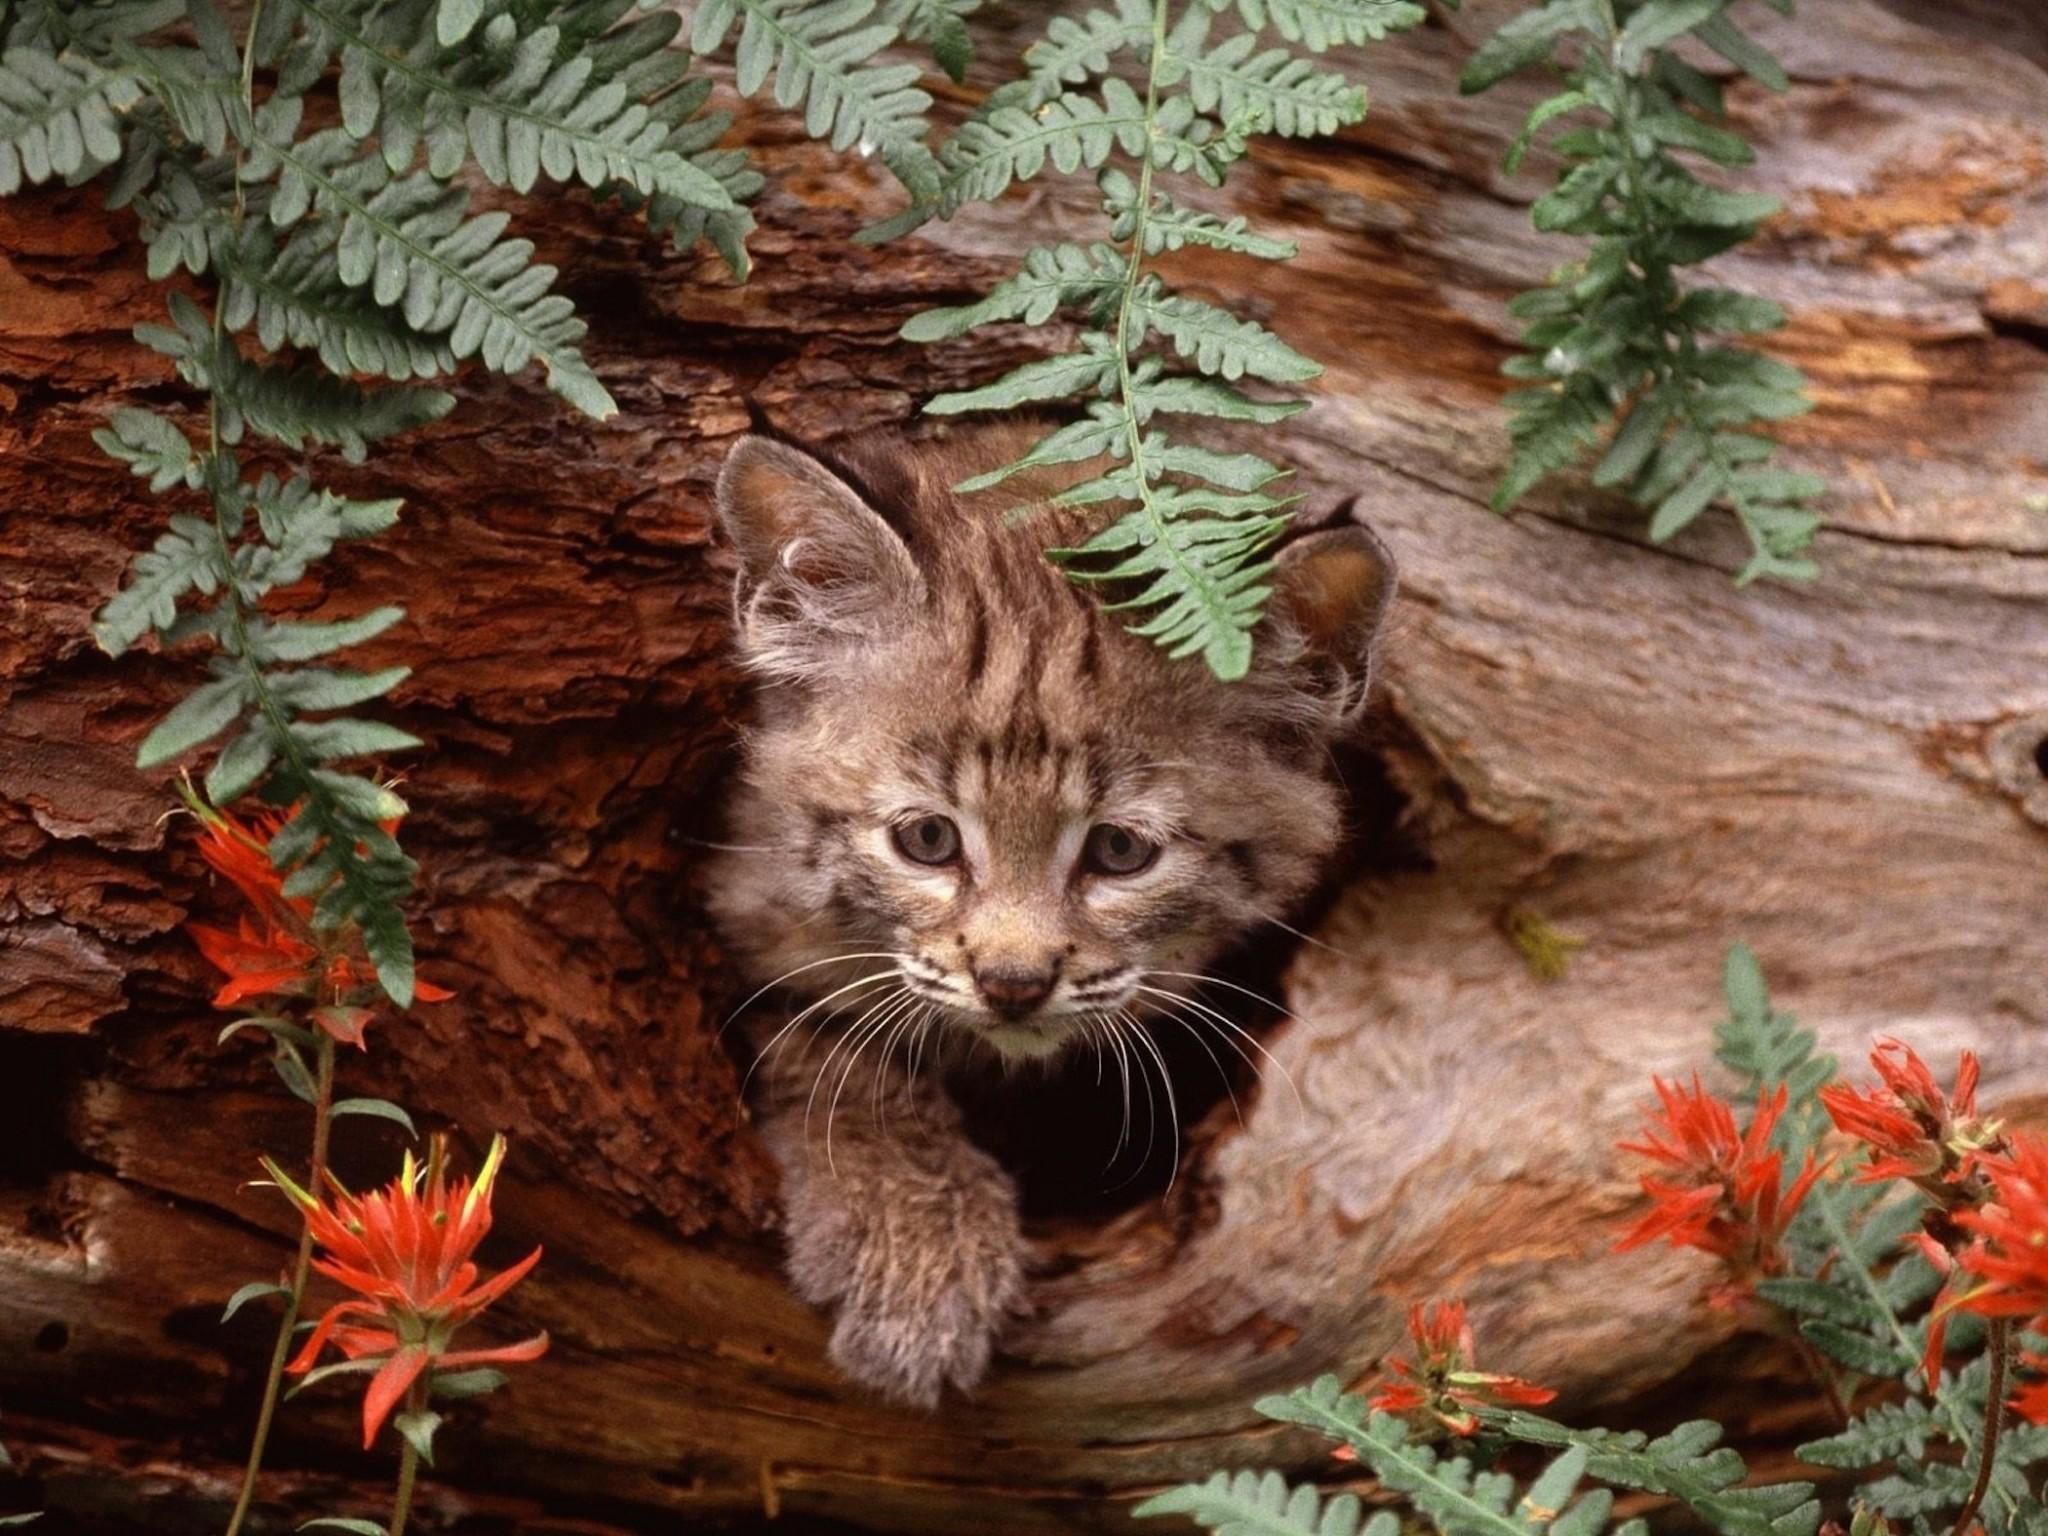 Fall Kitten Wallpaper Bobcat Kitten Hiding Wallpaper Free Downloads